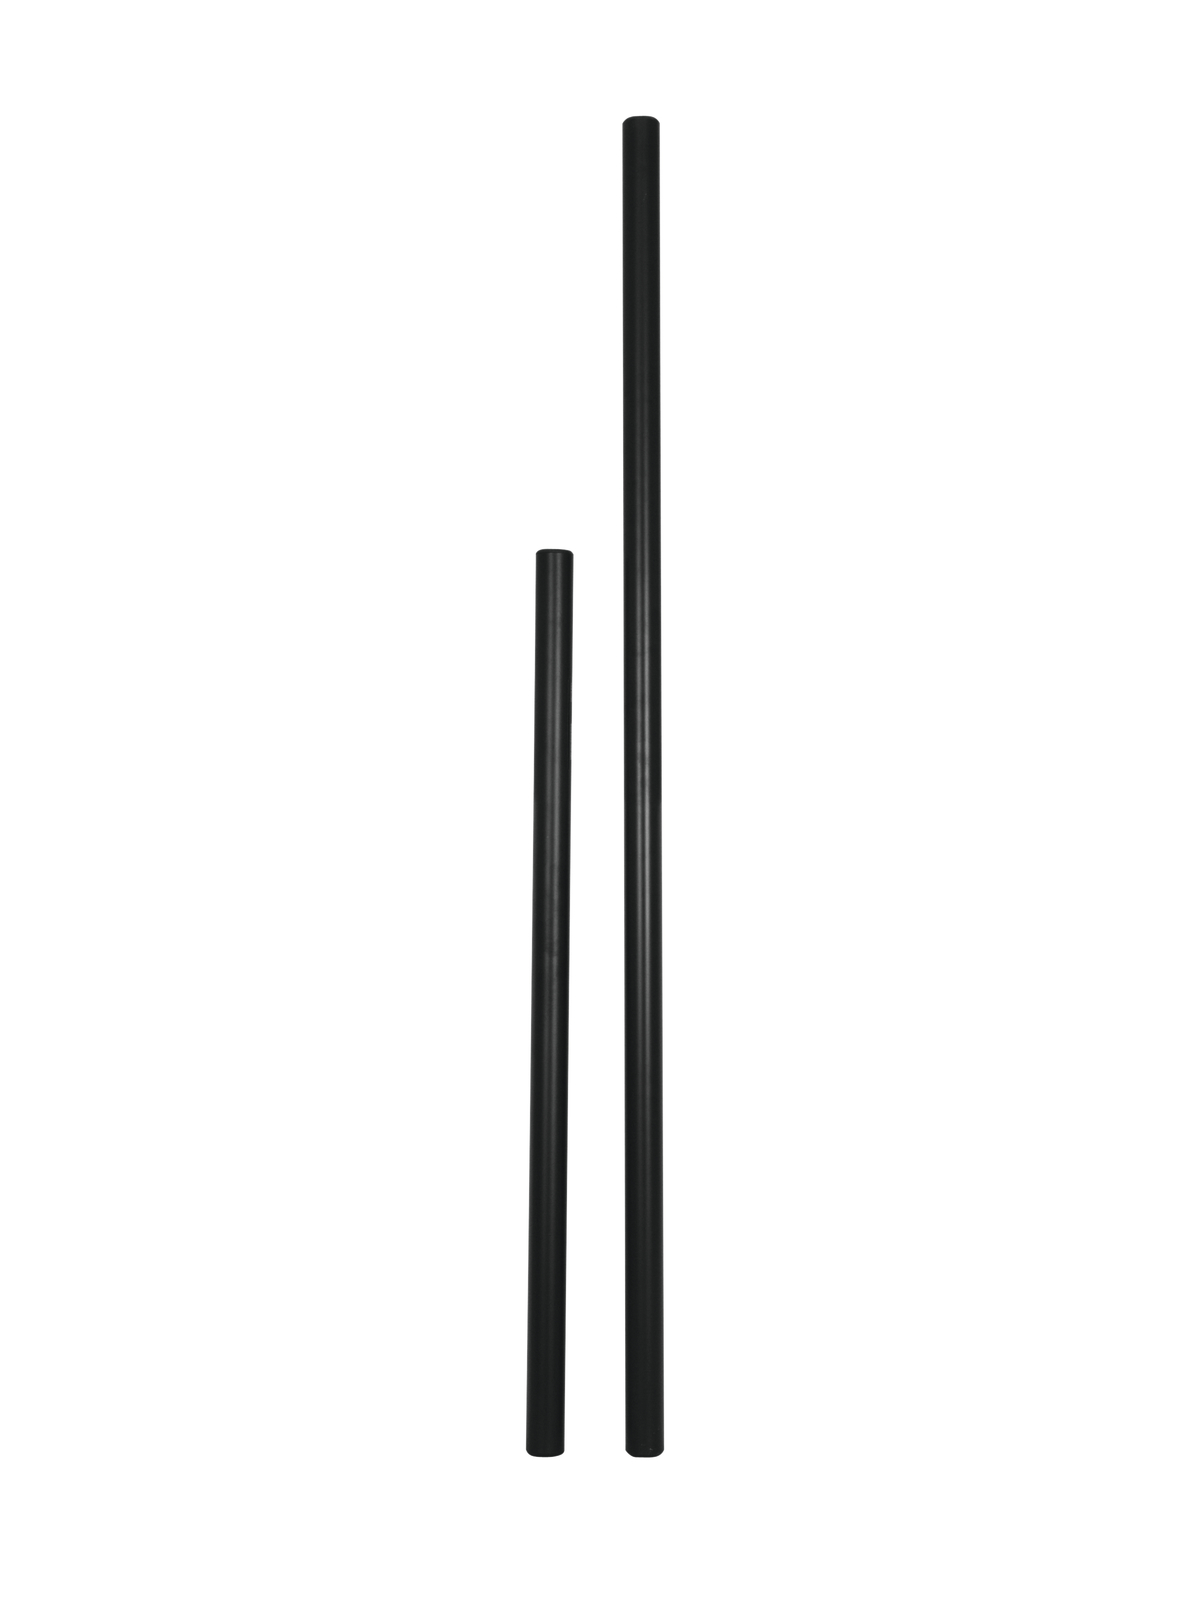 Omnitronic distanční tyč pro subwoofer / satelit